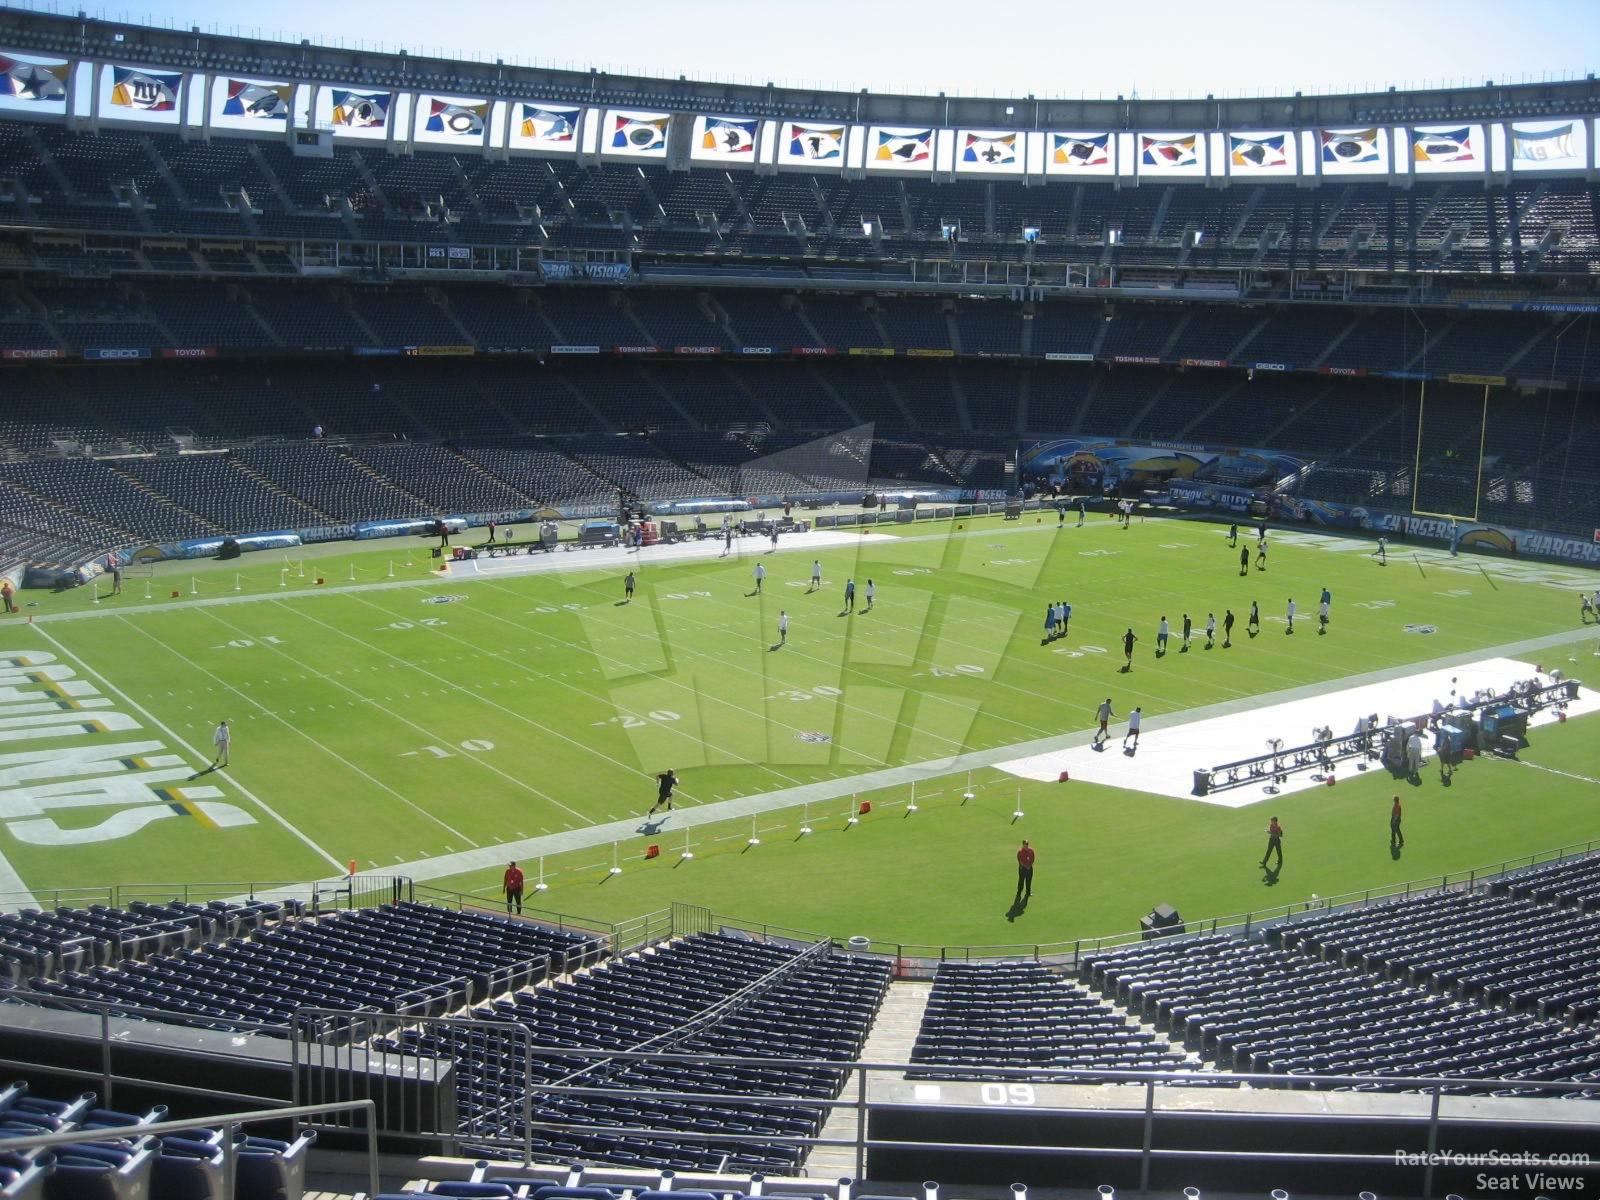 Qualcomm stadium seating pictures